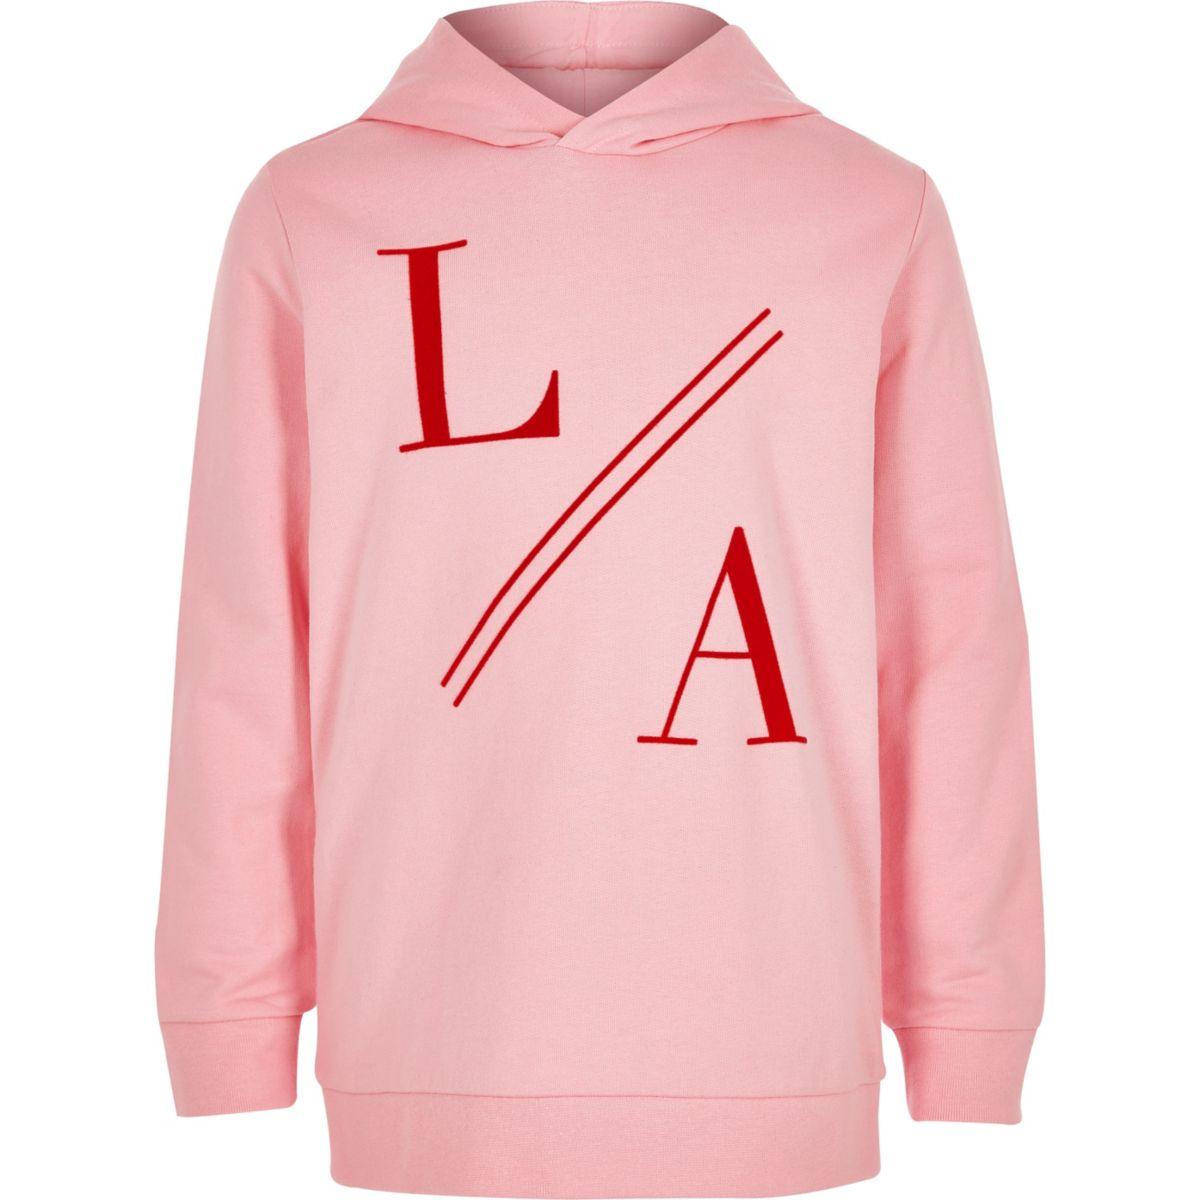 Boys pink 'LA' flock print hoodie